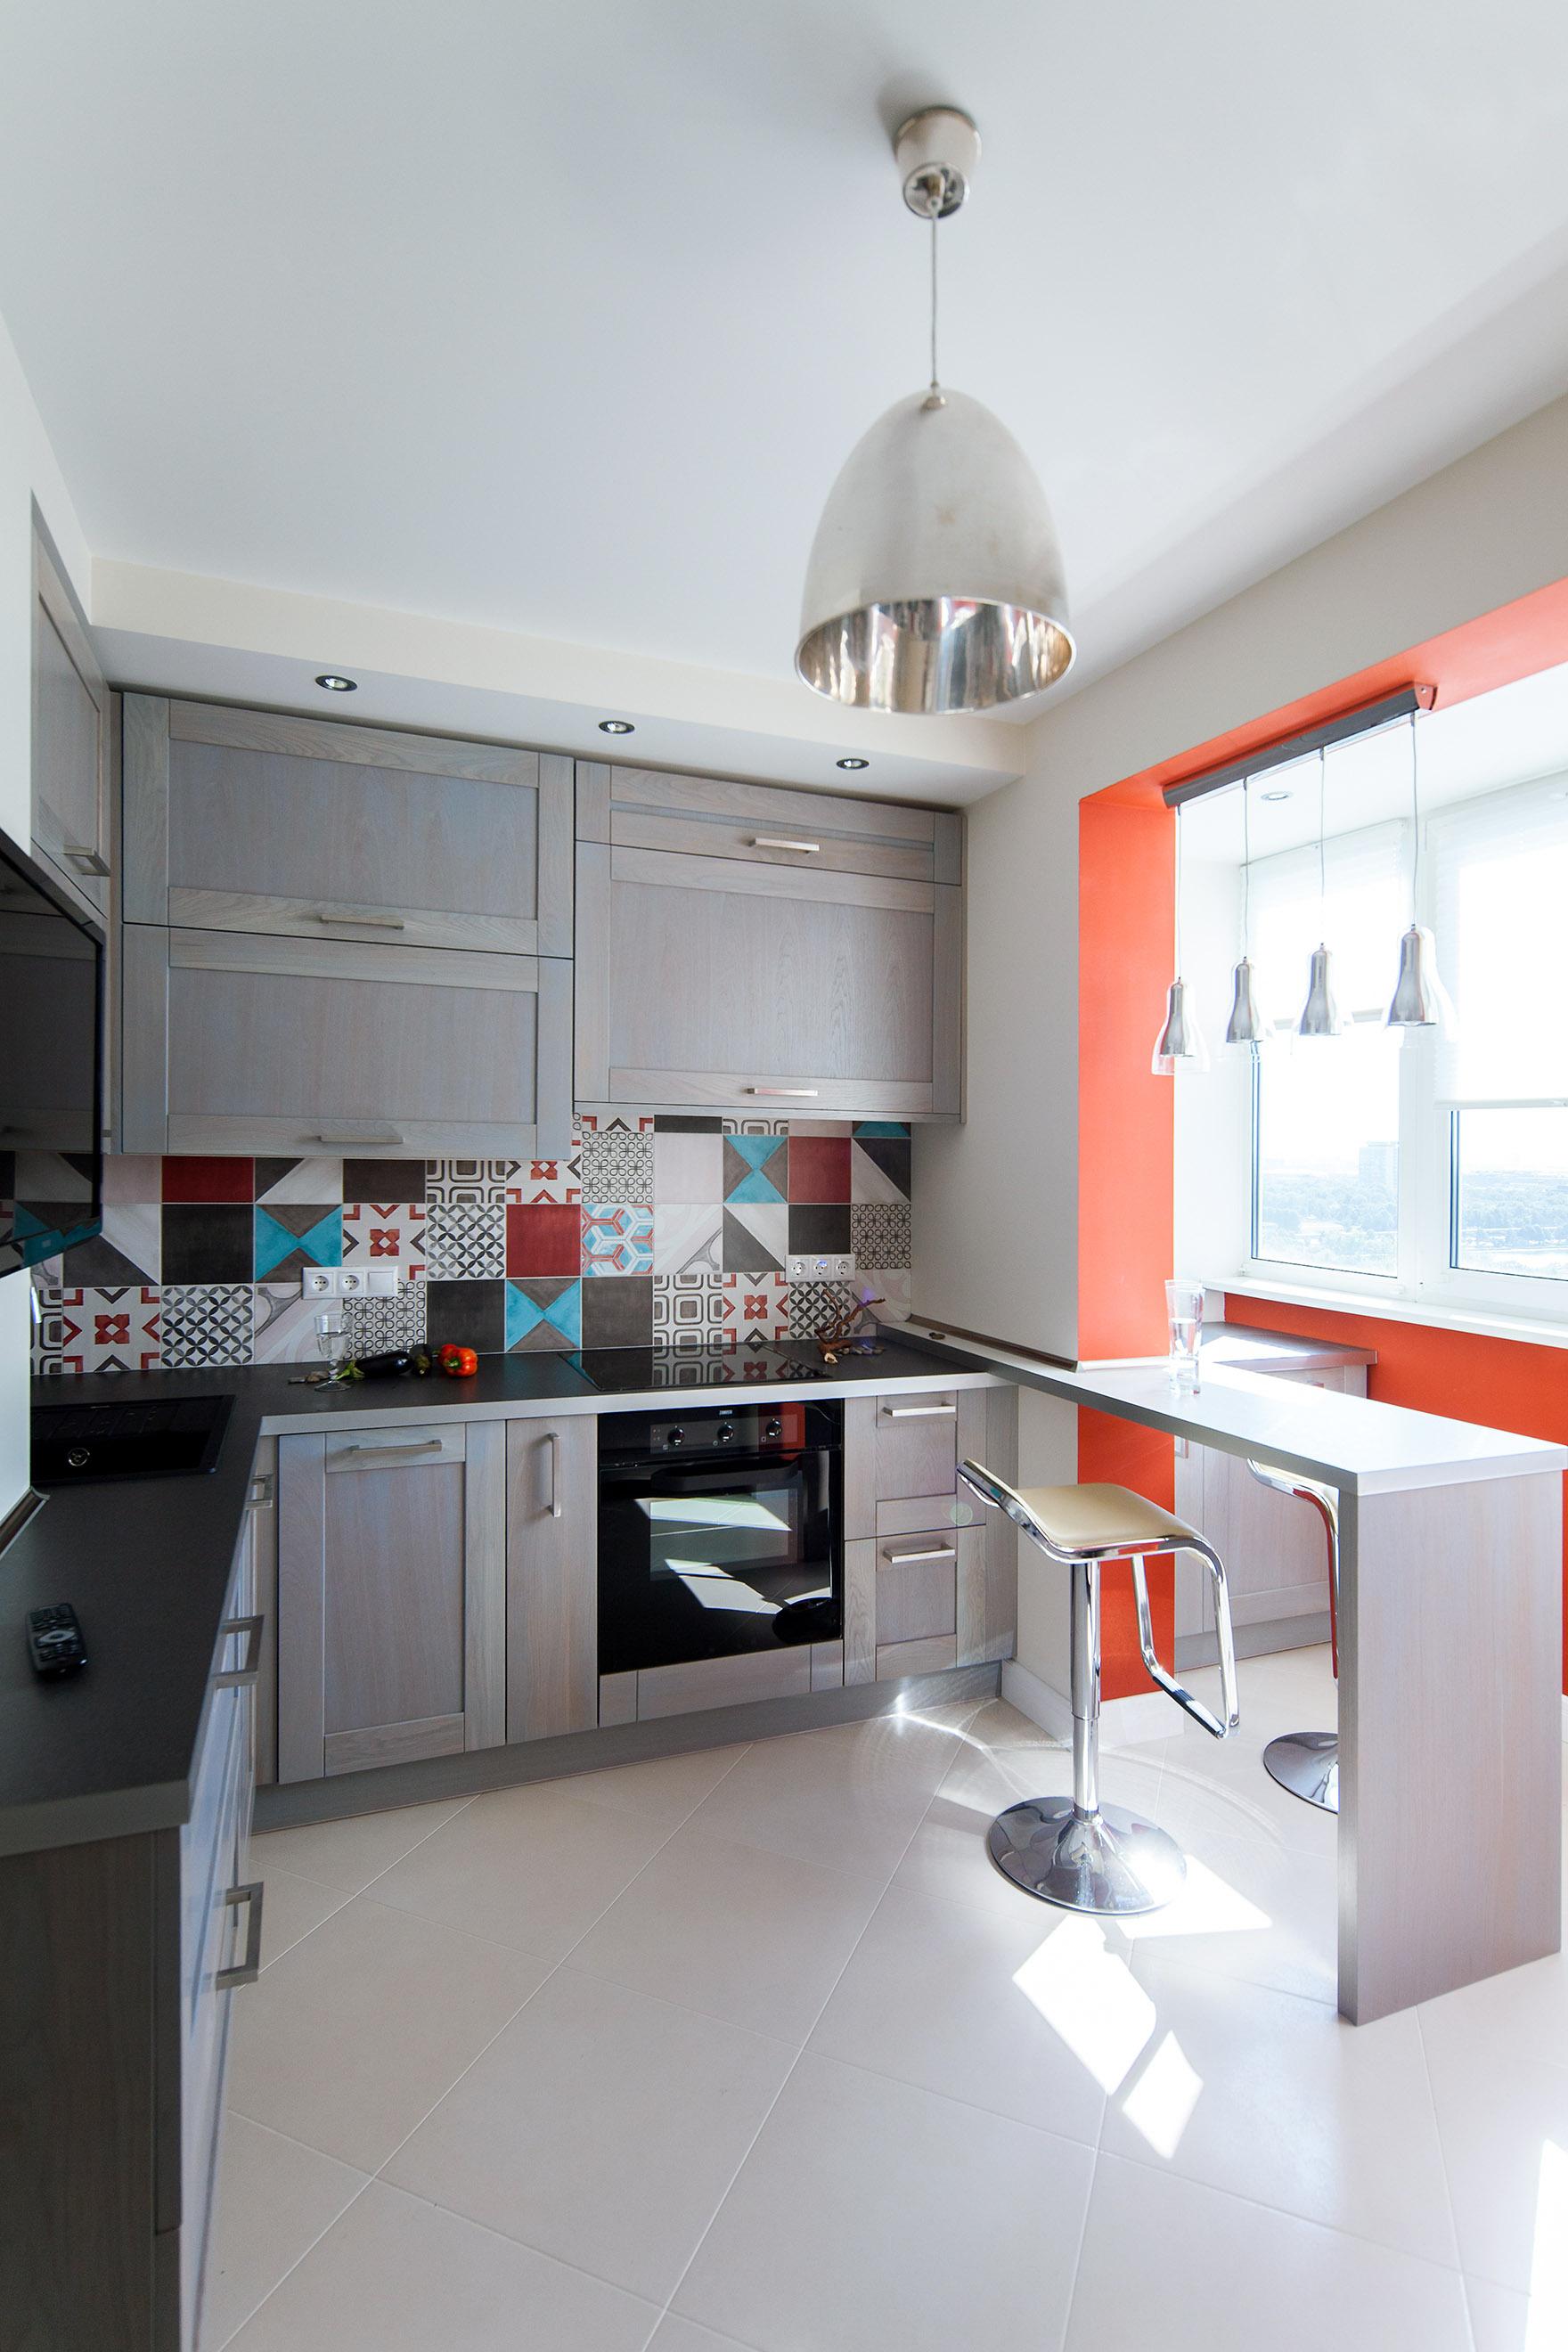 Мы нашли для вас фото, на которых кухня, объединённая с балк.